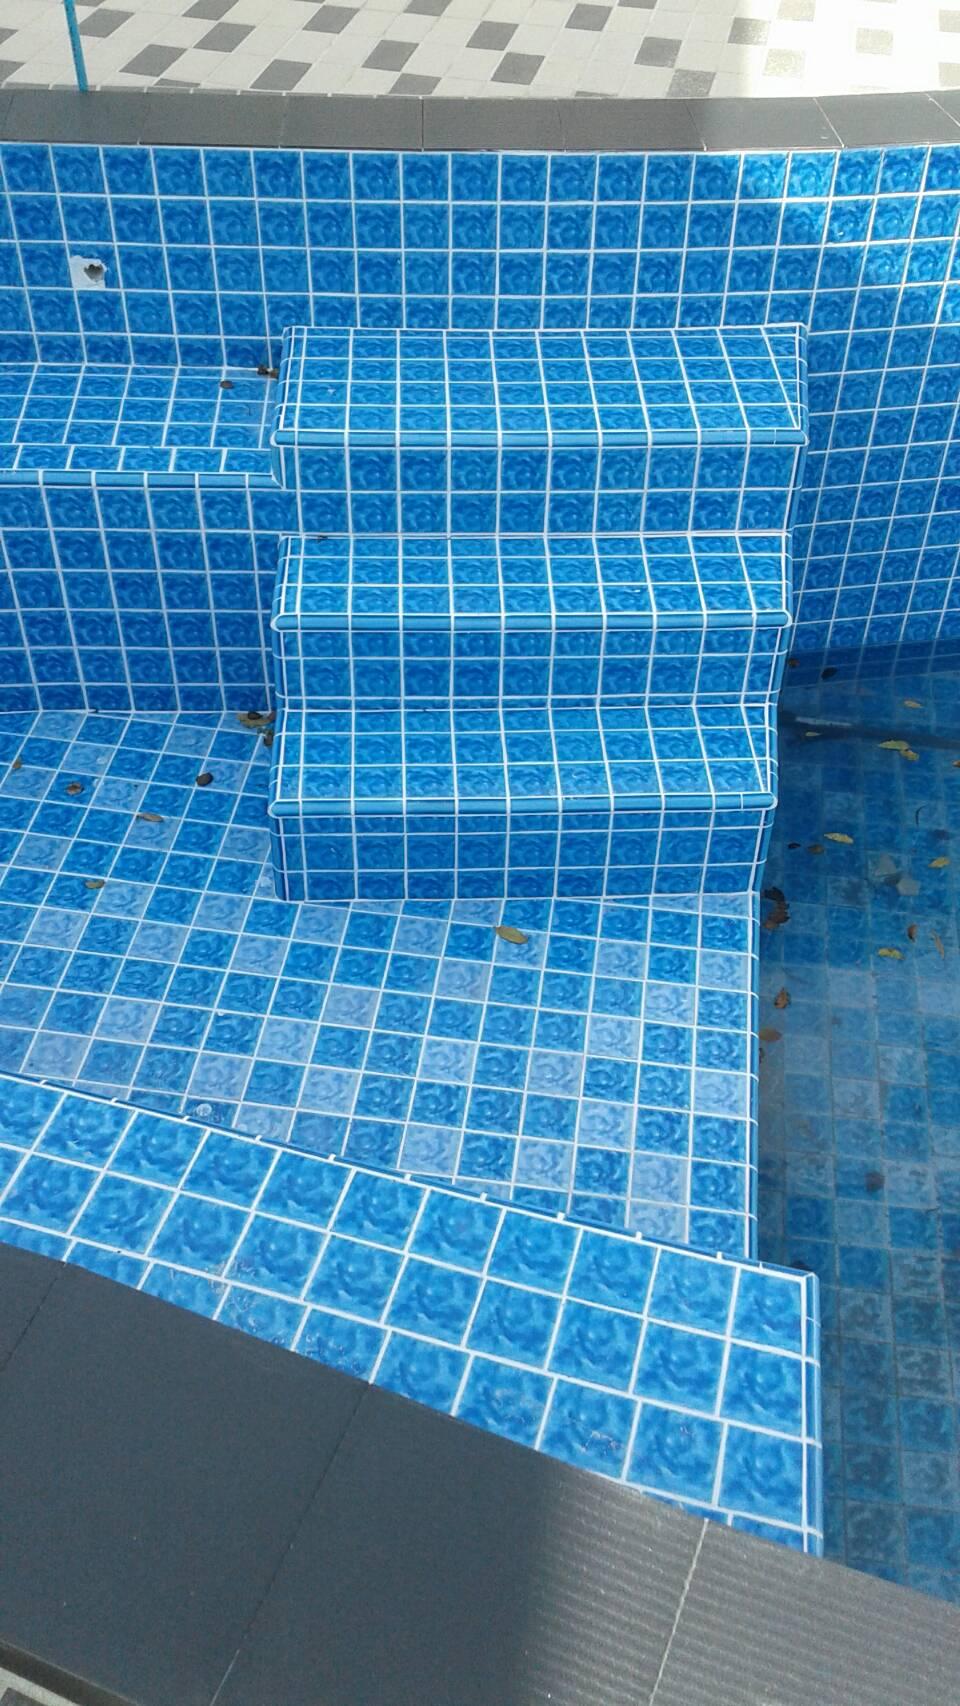 กระเบื้องสระว่ายน้ำ เคนไซ Swimming Pool Tiles Kenzai